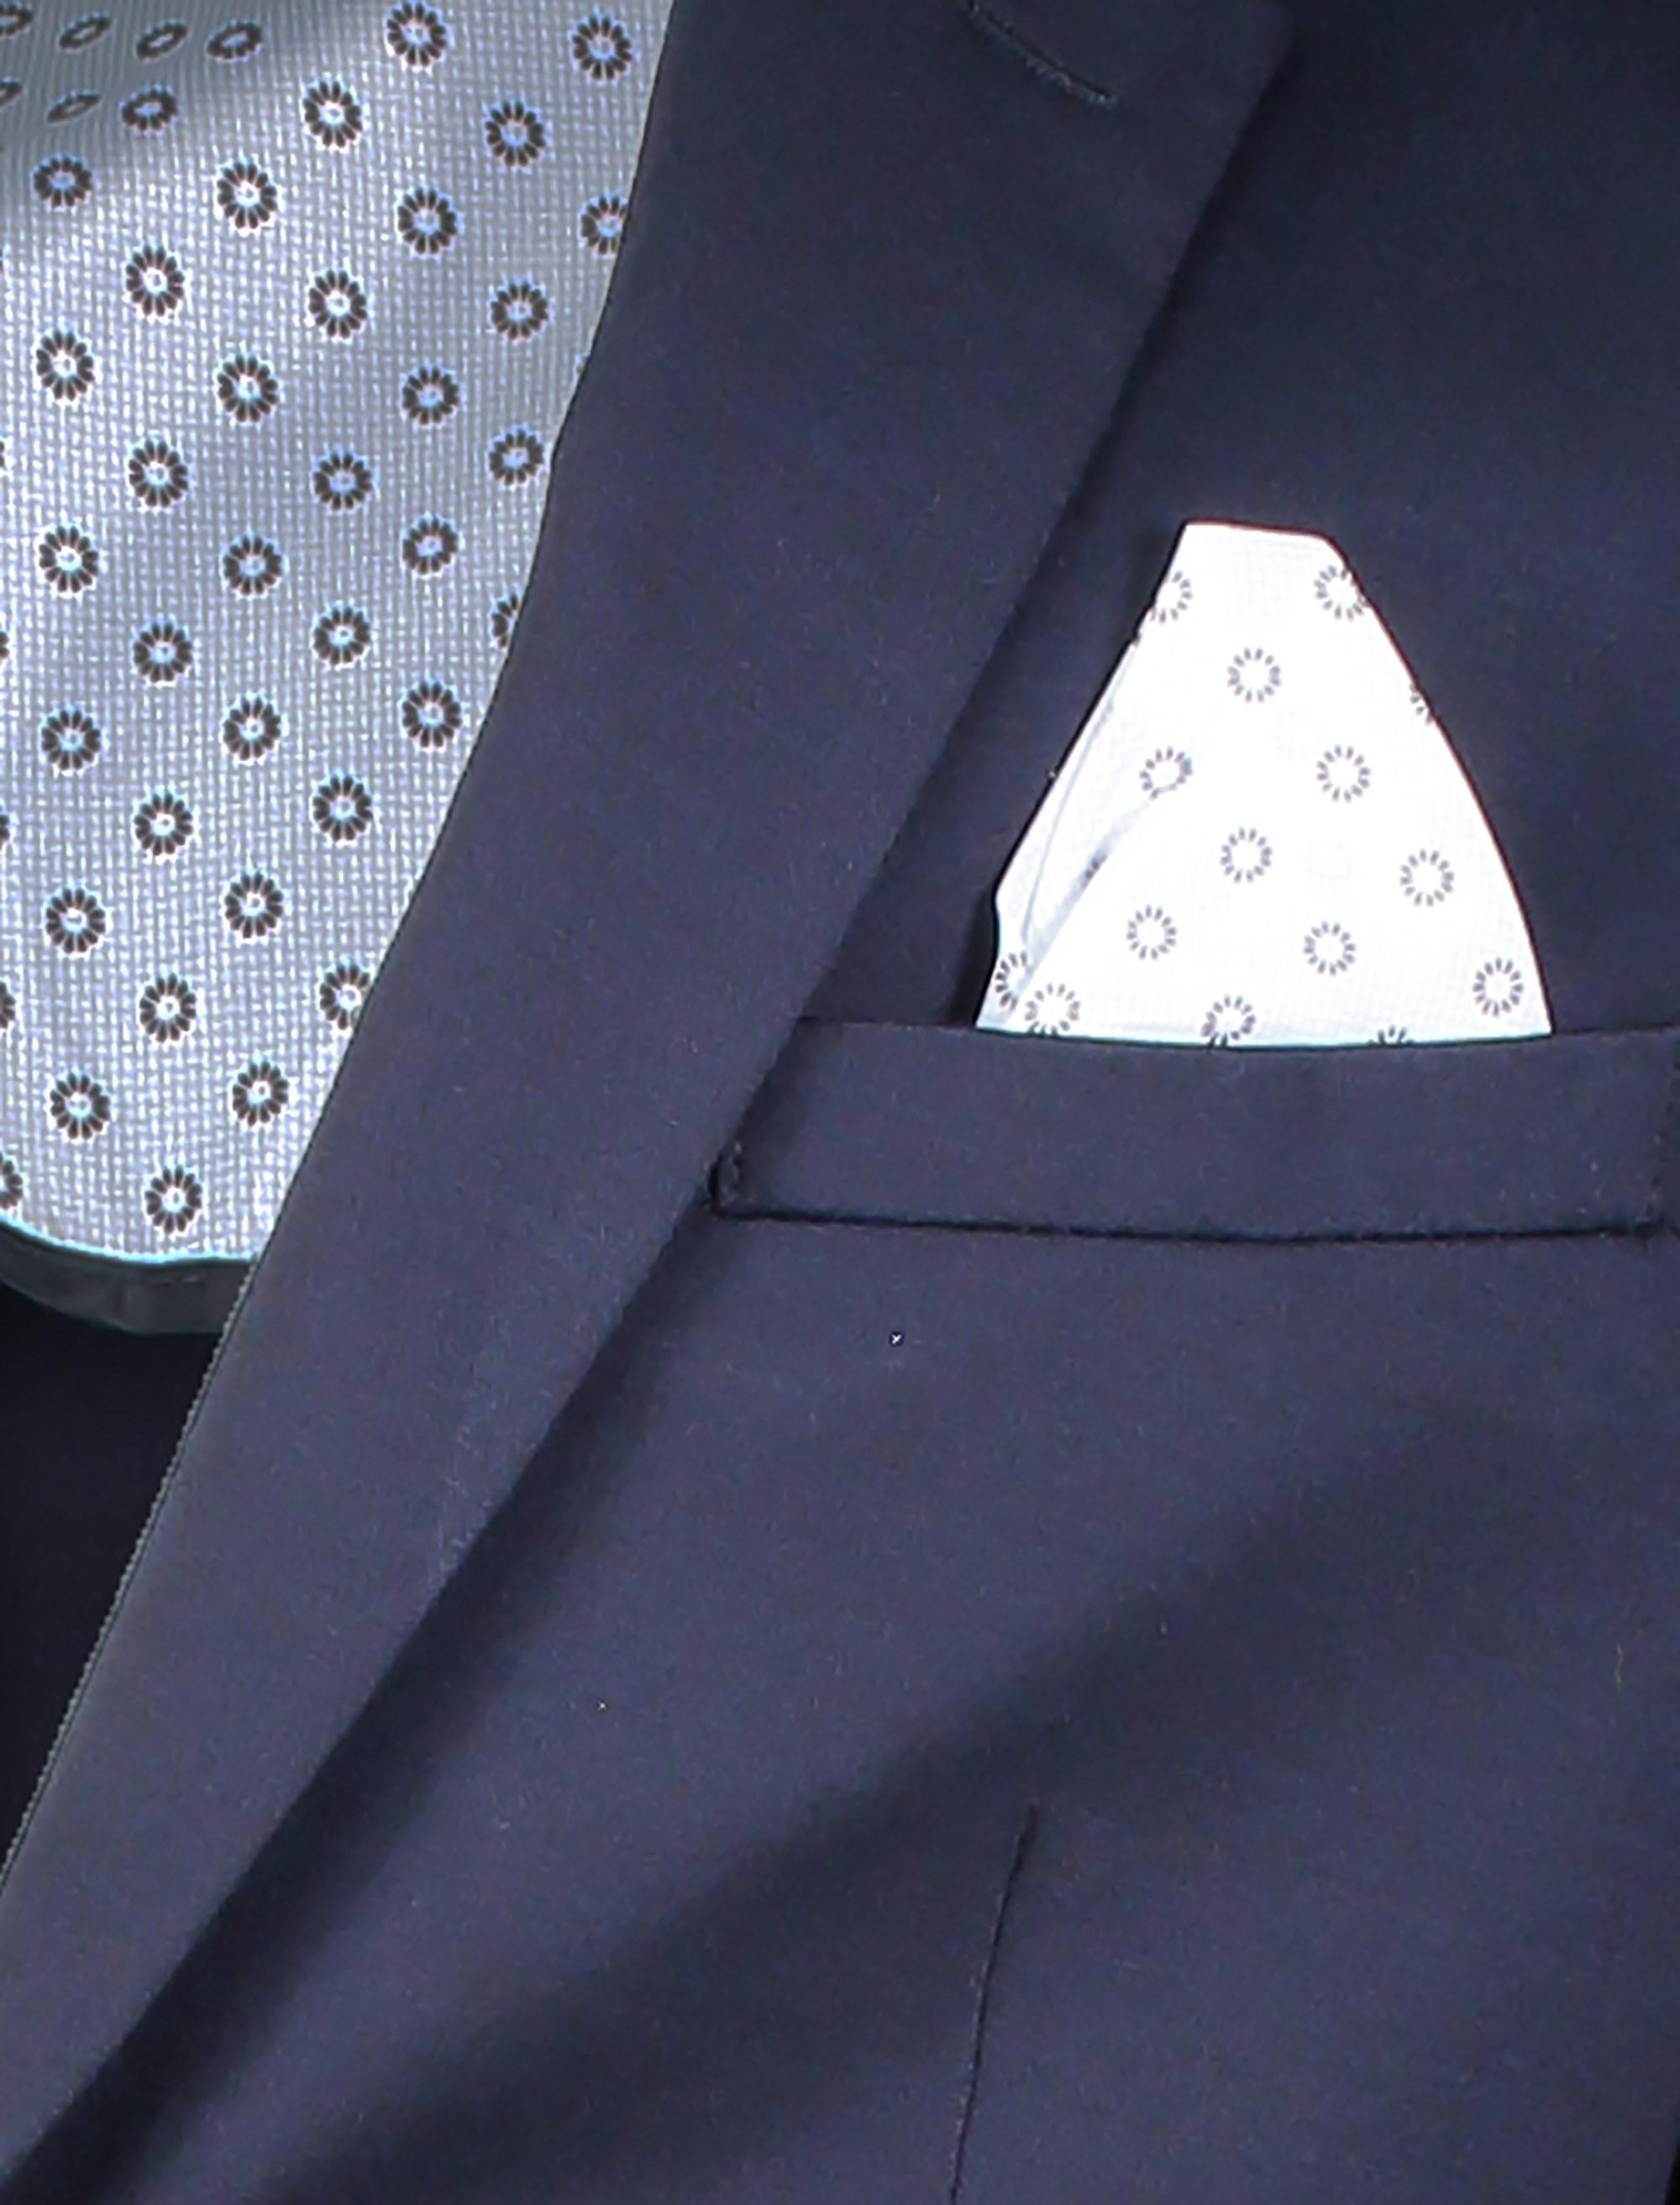 کت تک رسمی مردانه - یوپیم - سرمه اي - 4